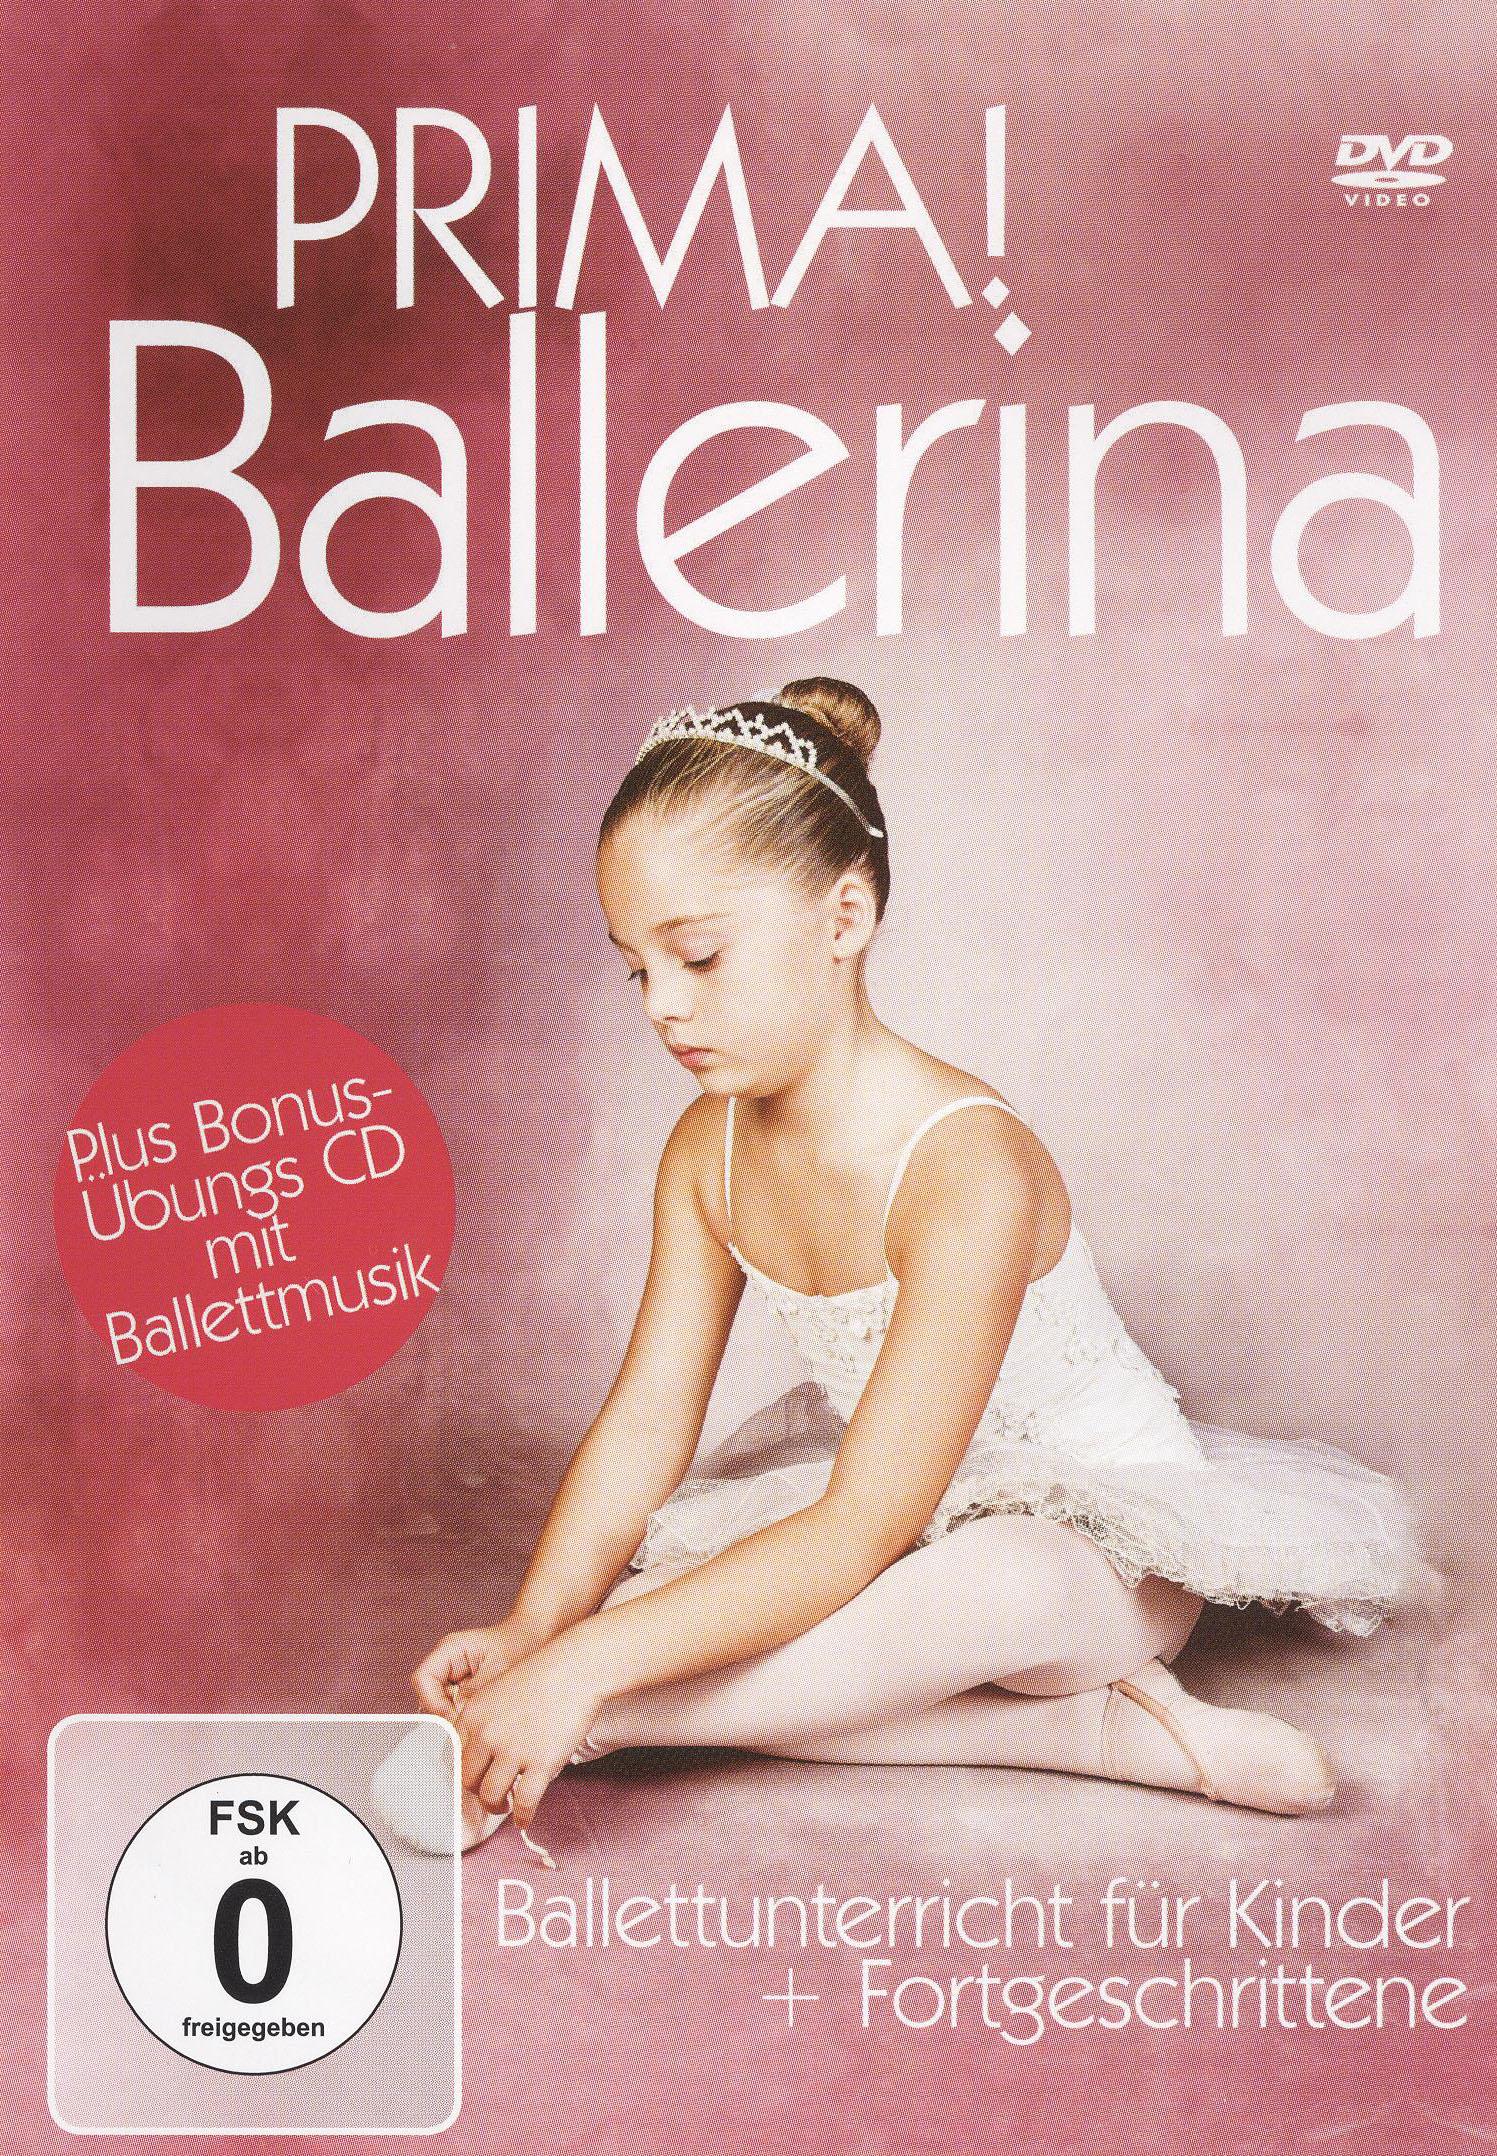 Prima! Ballerina: Ballettunterricht Für Kinder + Fortgeschrittene